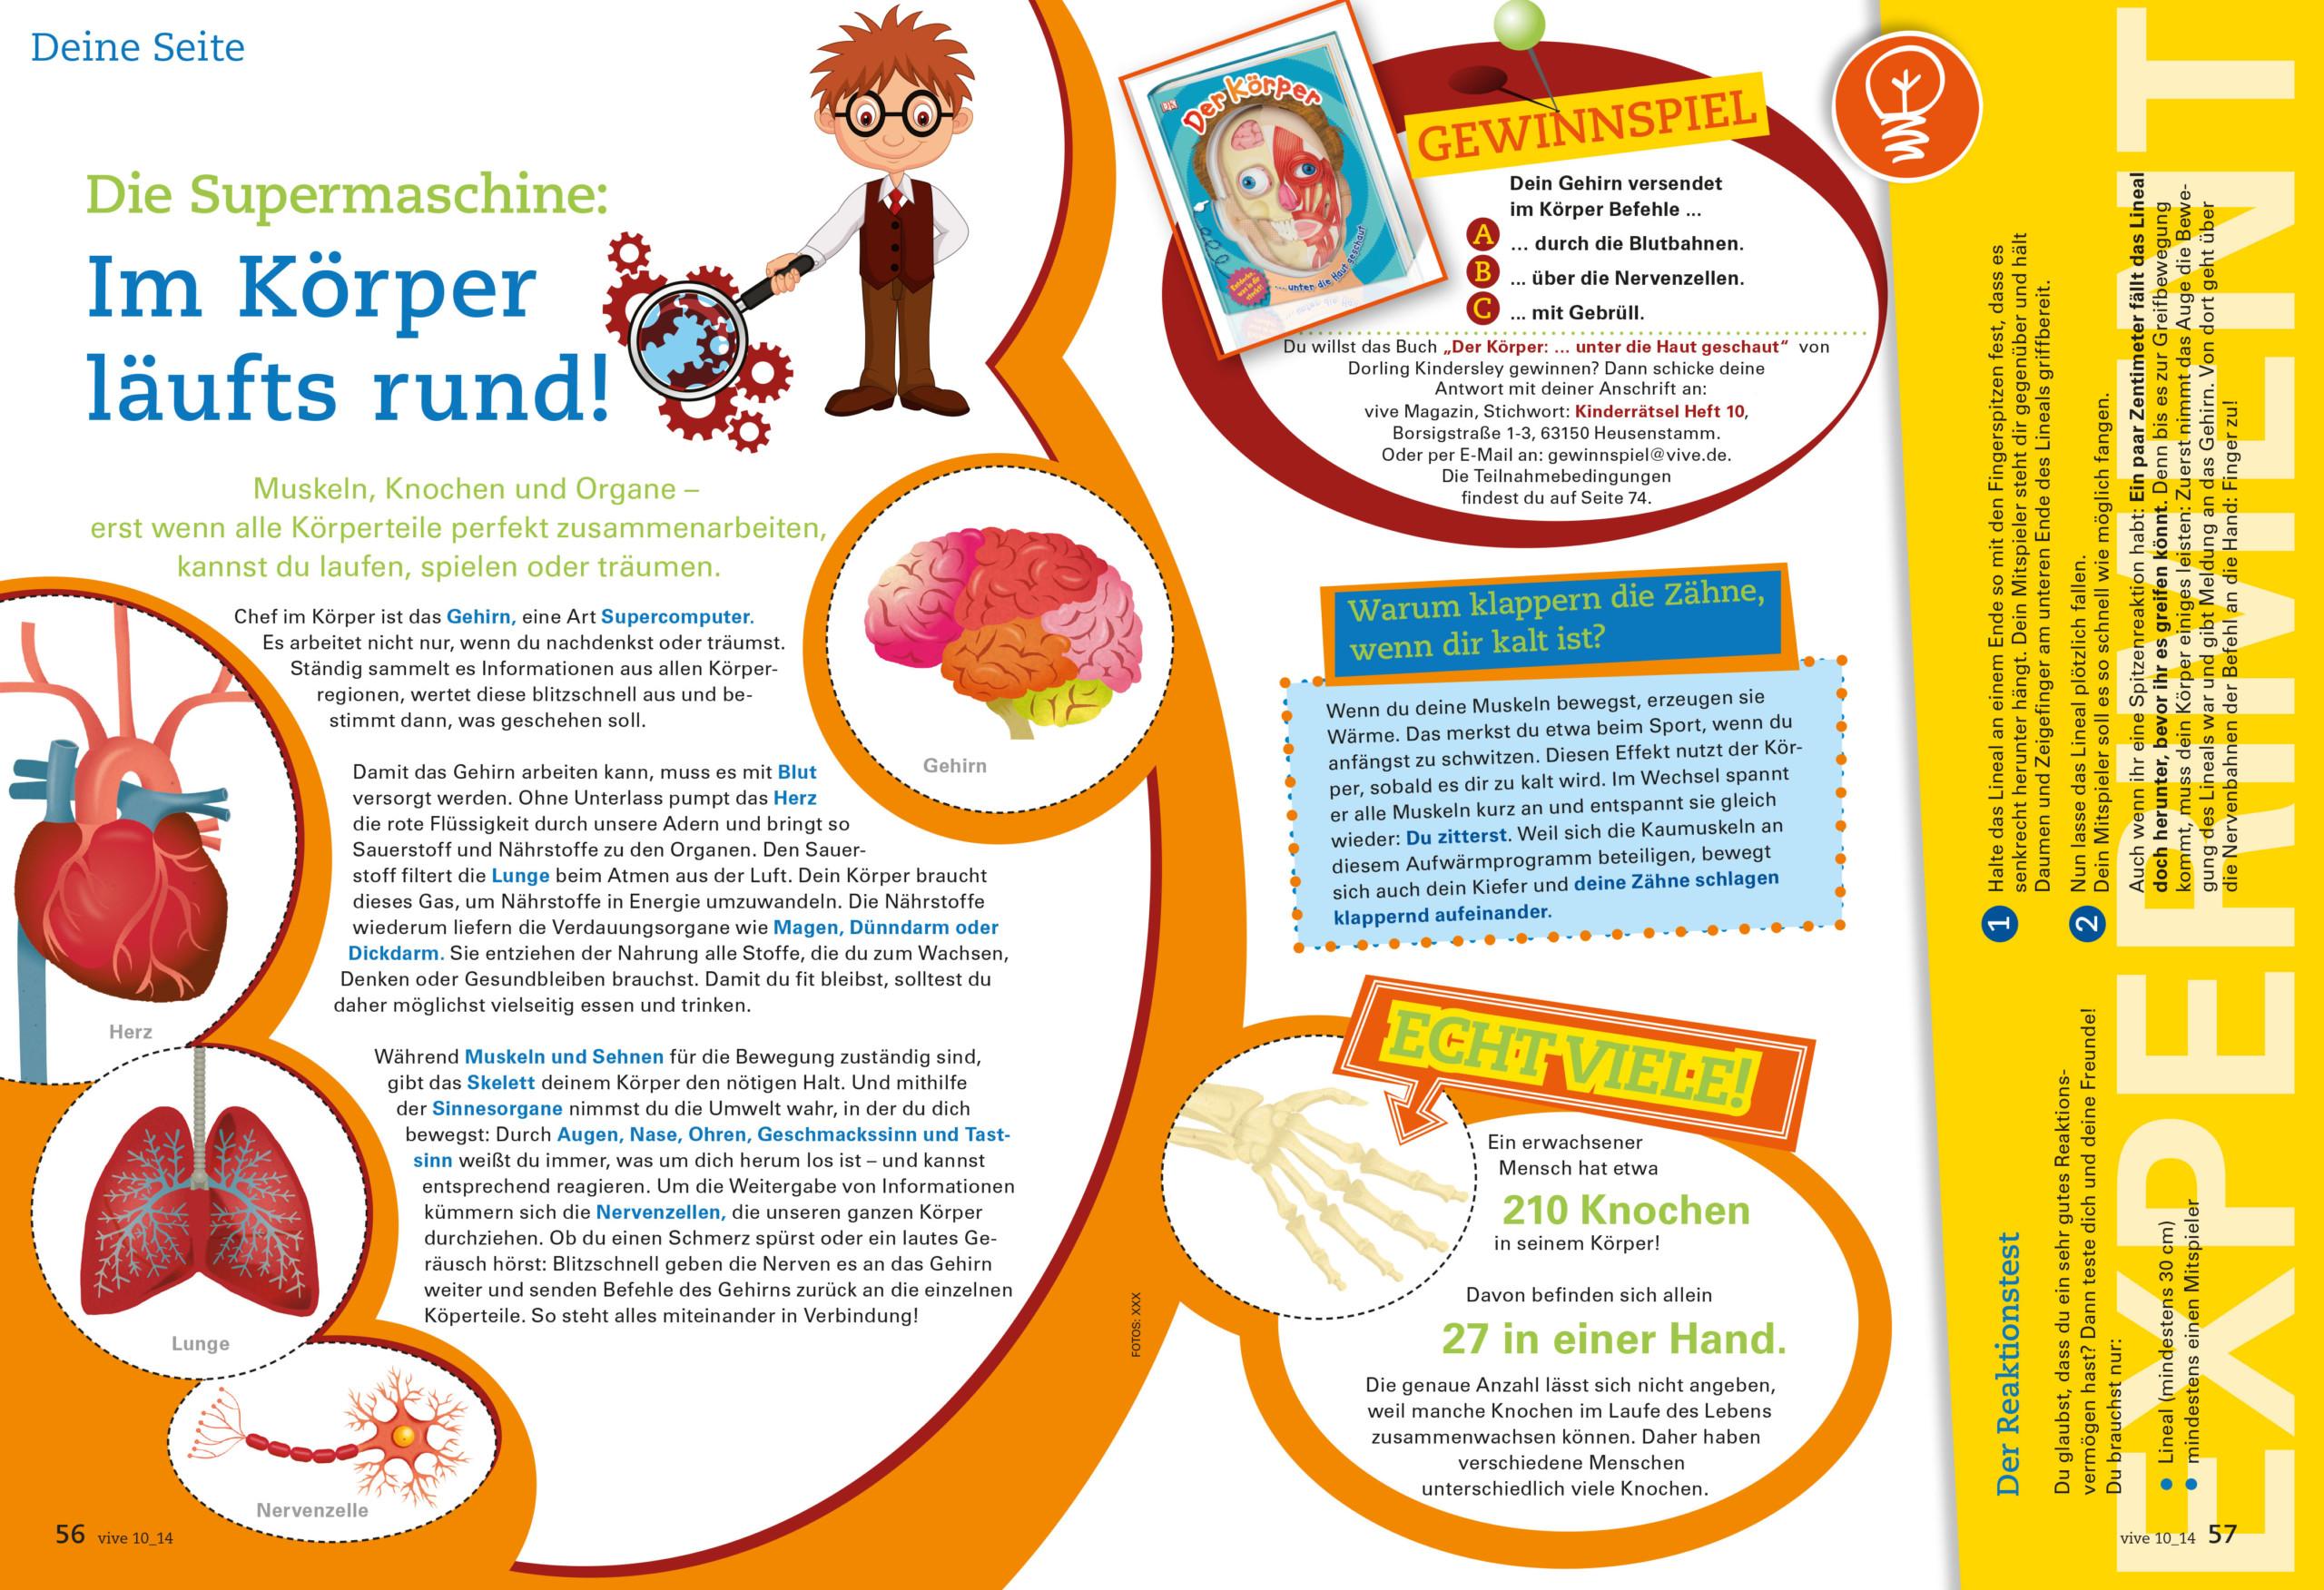 VIVE / ALPHEGA Kundenmagazin – Kinderseiten -Thema Körper